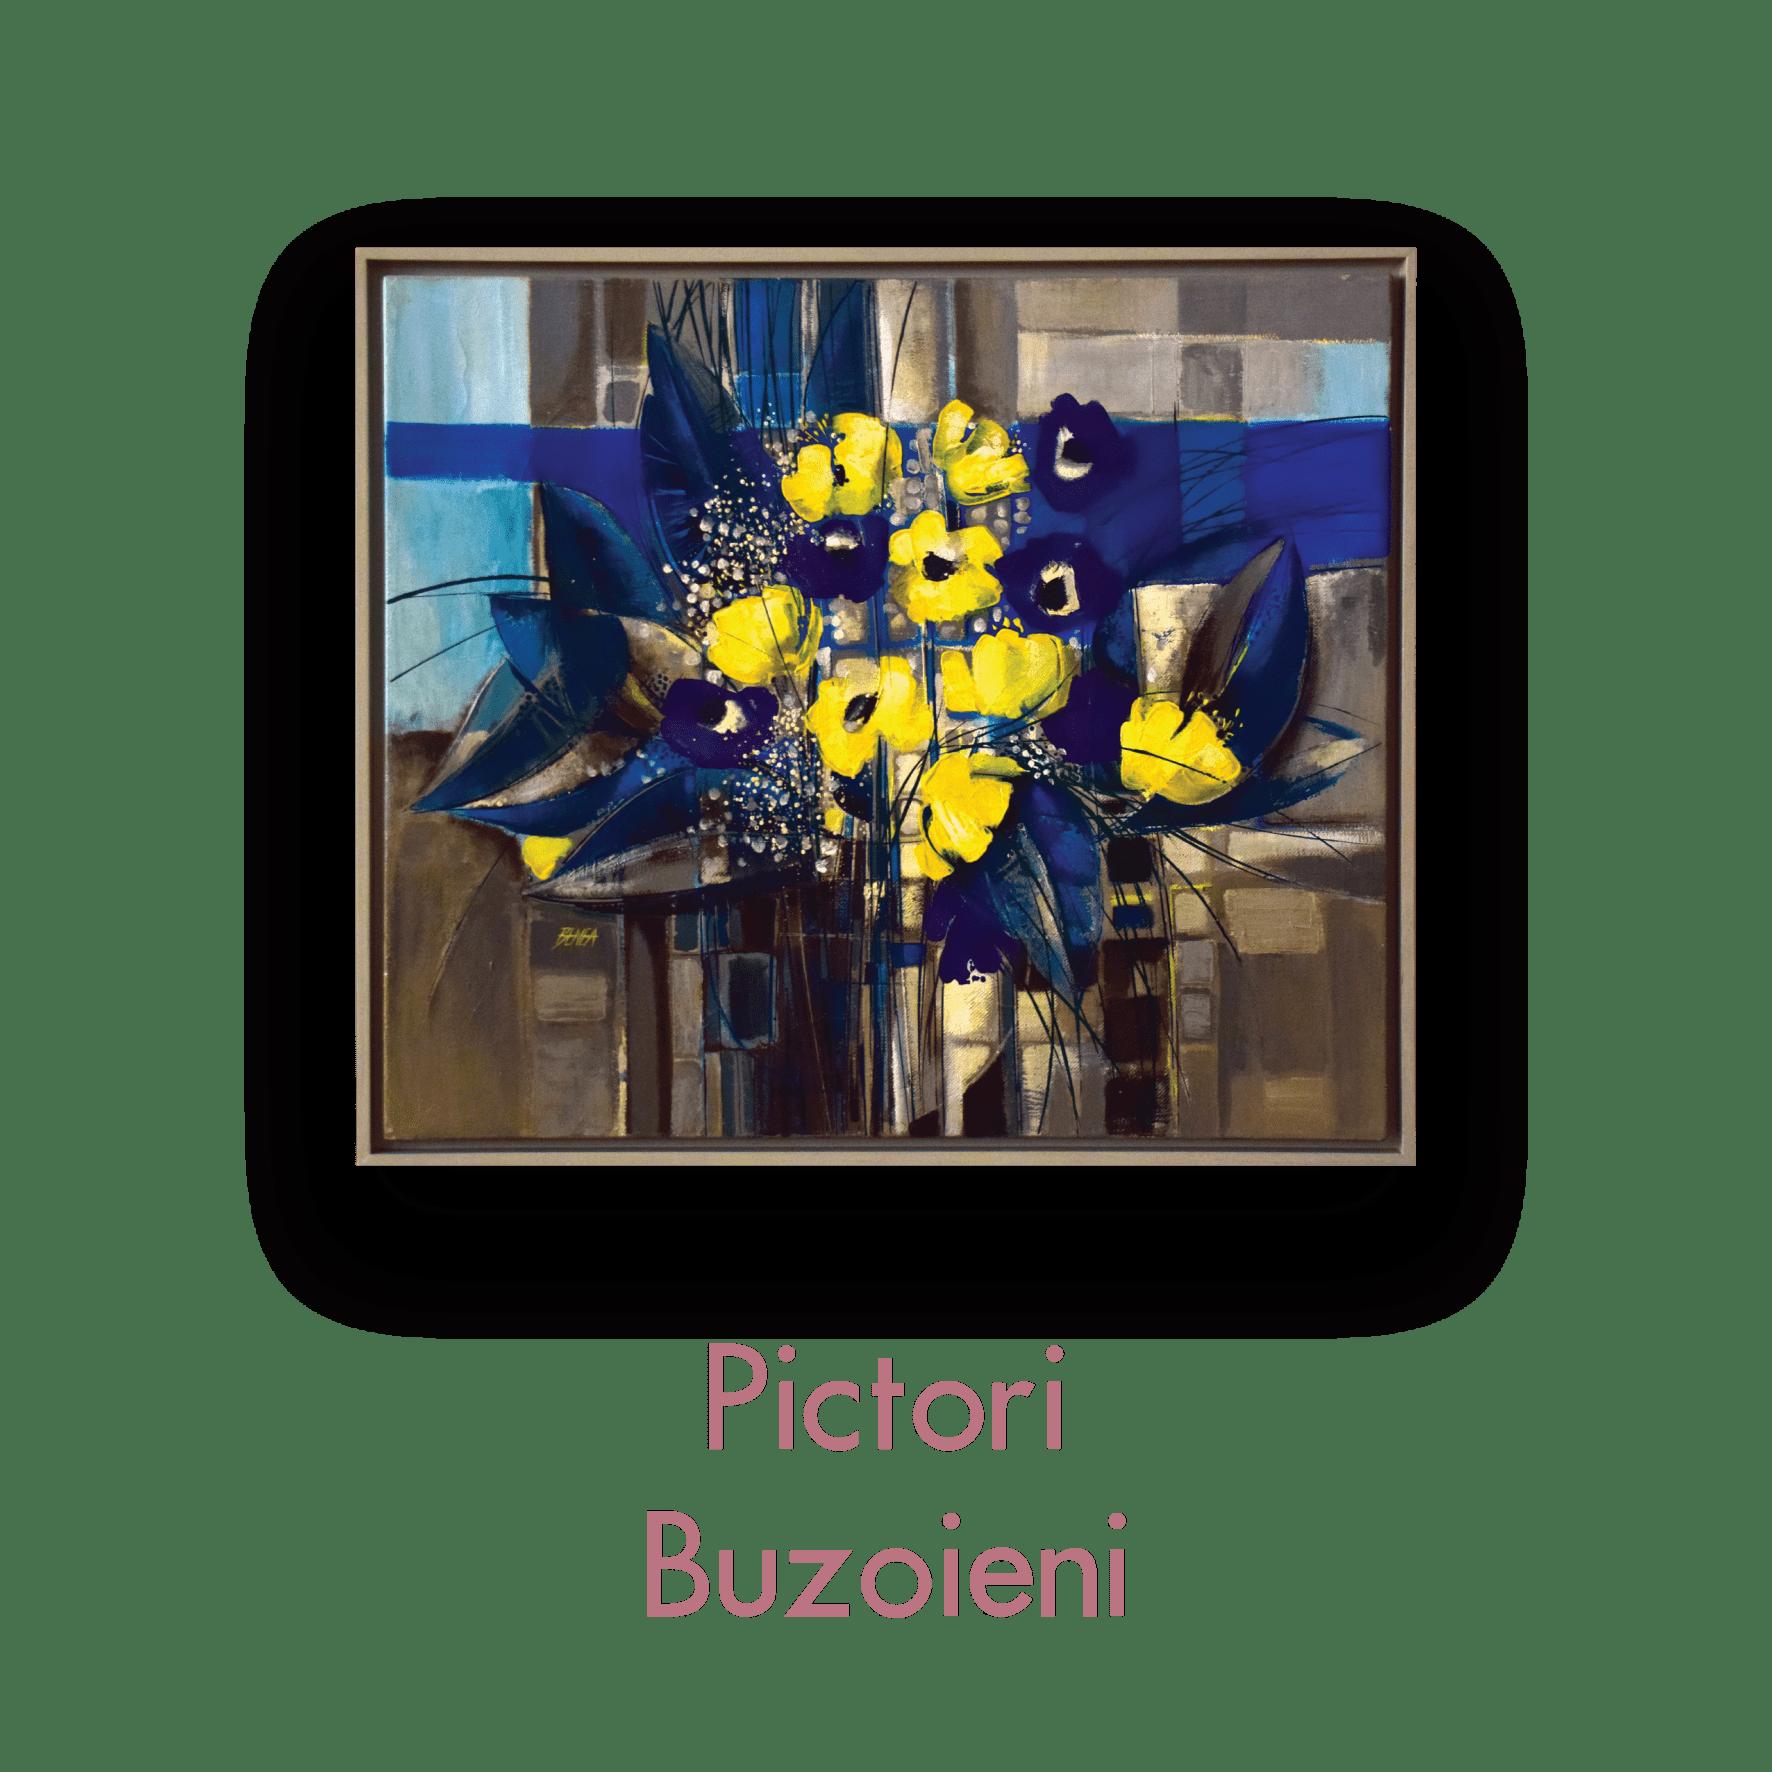 Pictori Buzoieninet-min